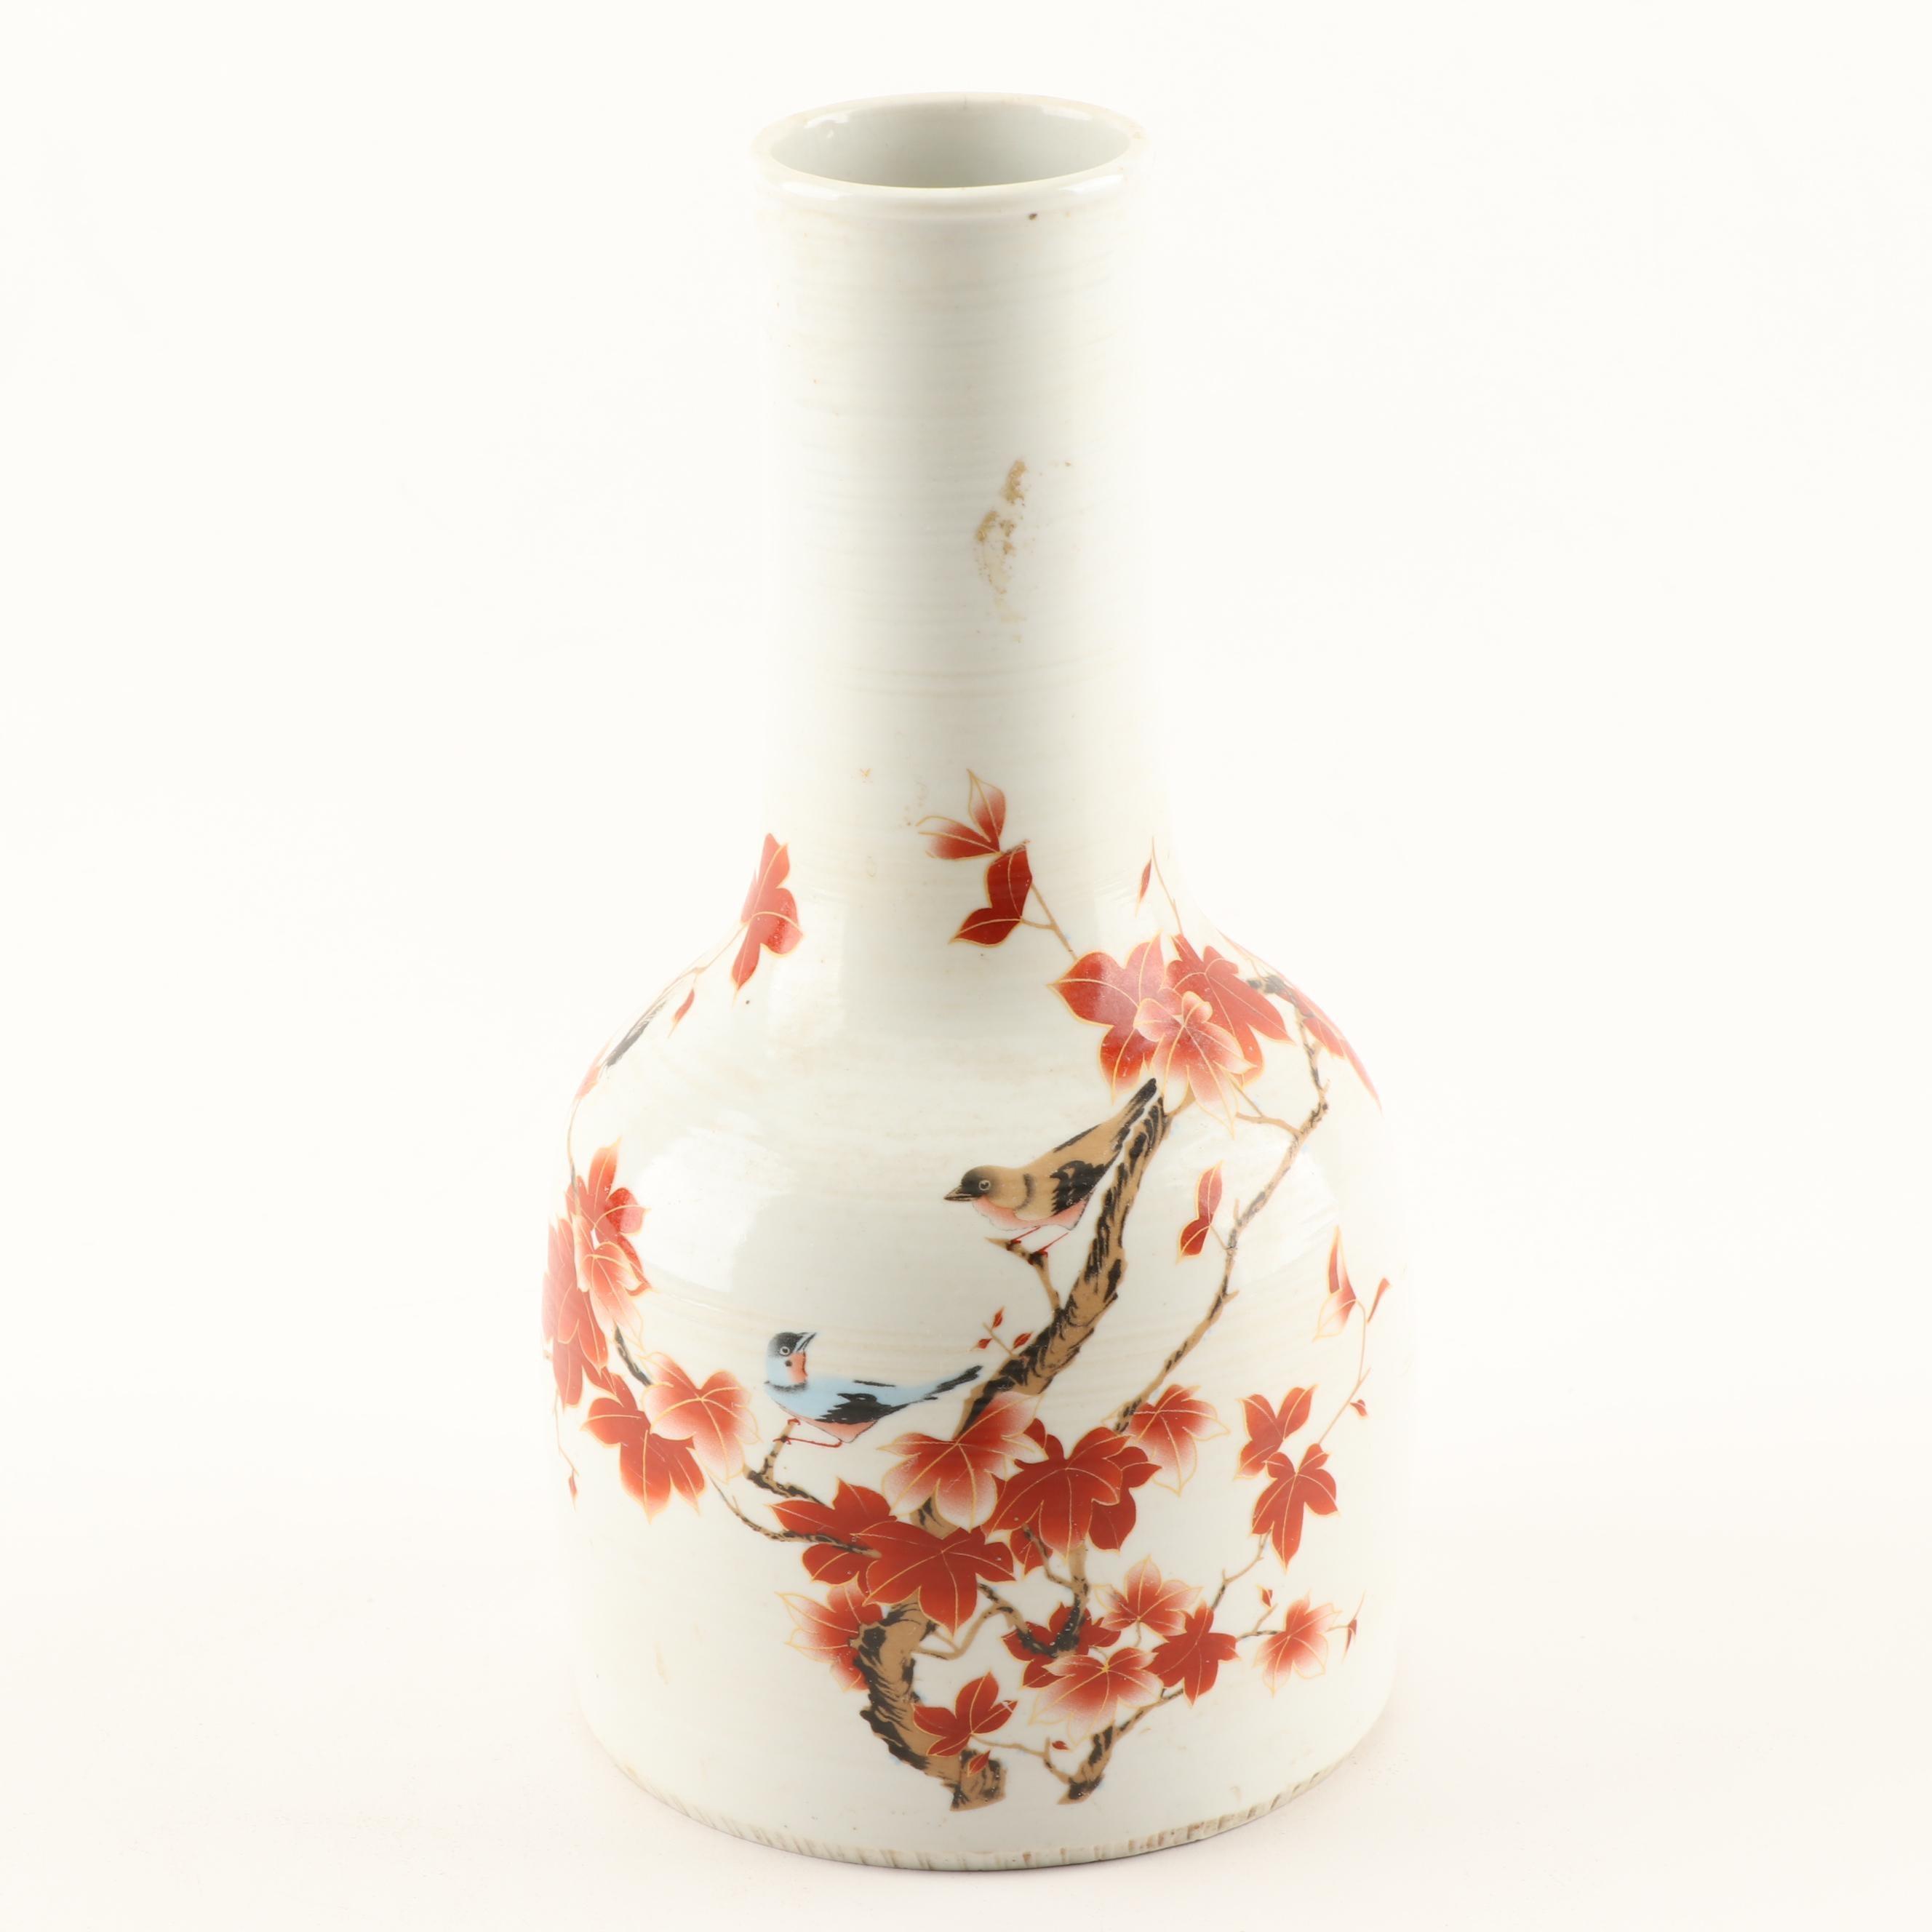 Chinese Hand-Painted Ceramic Vase